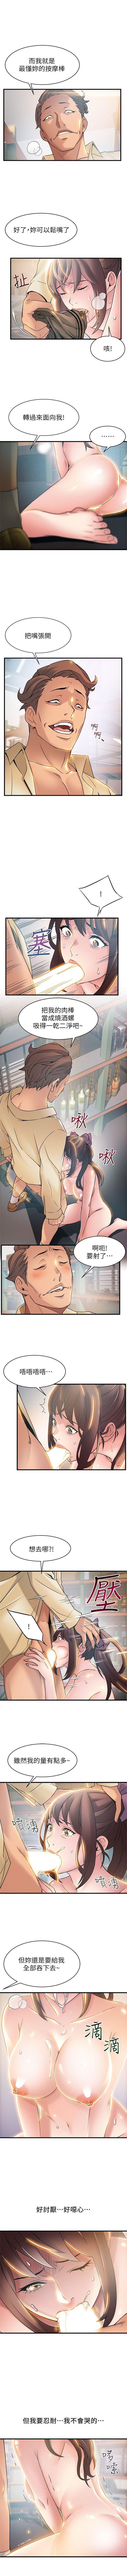 (週7)弱點 1-76 中文翻譯(更新中) 109